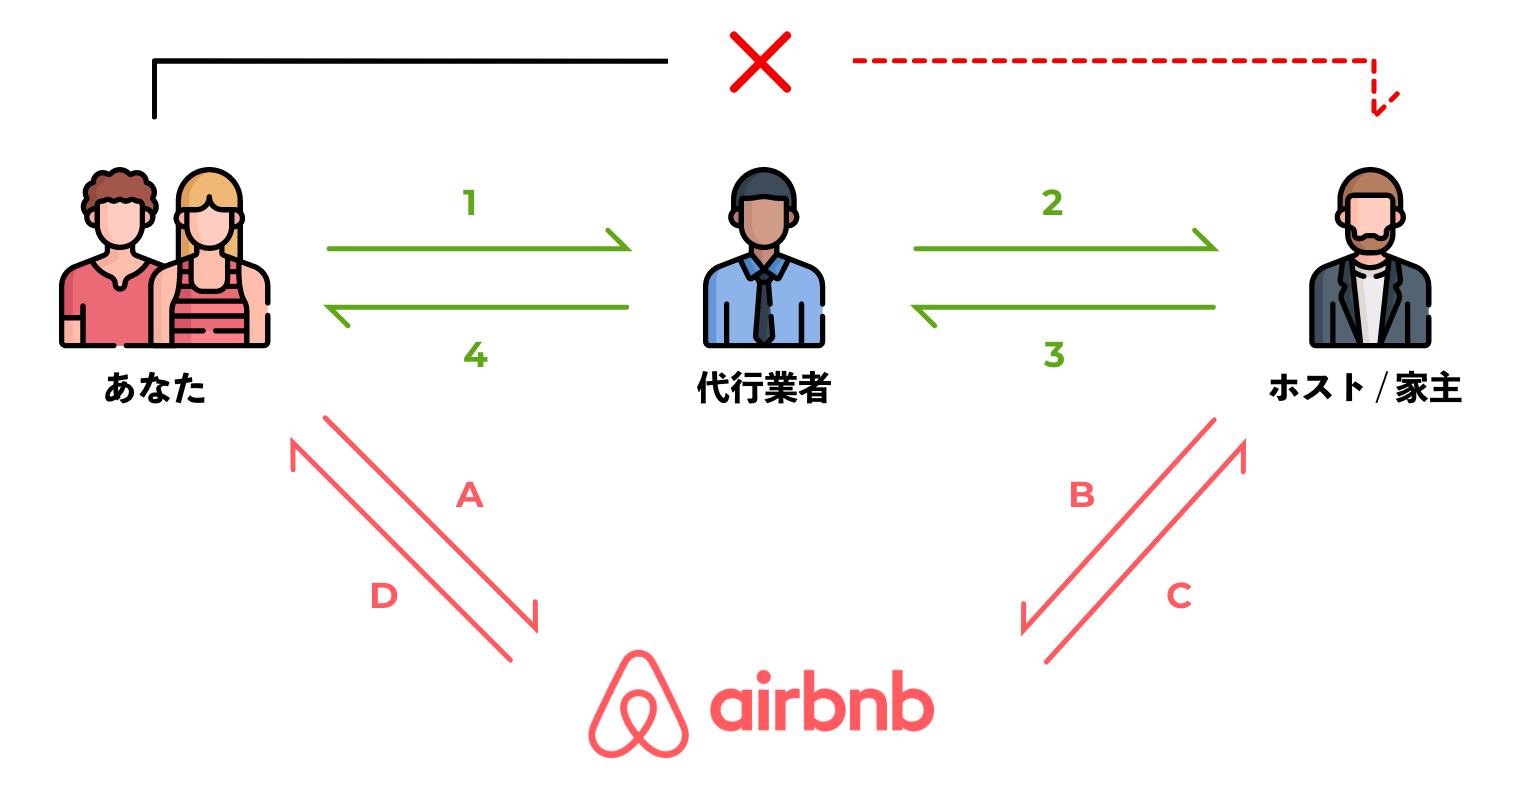 Airbnbは何か問題が起こった時、連絡経路がややこし過ぎる。そのおかげで超絶めんどくさいやり取りが発生します。